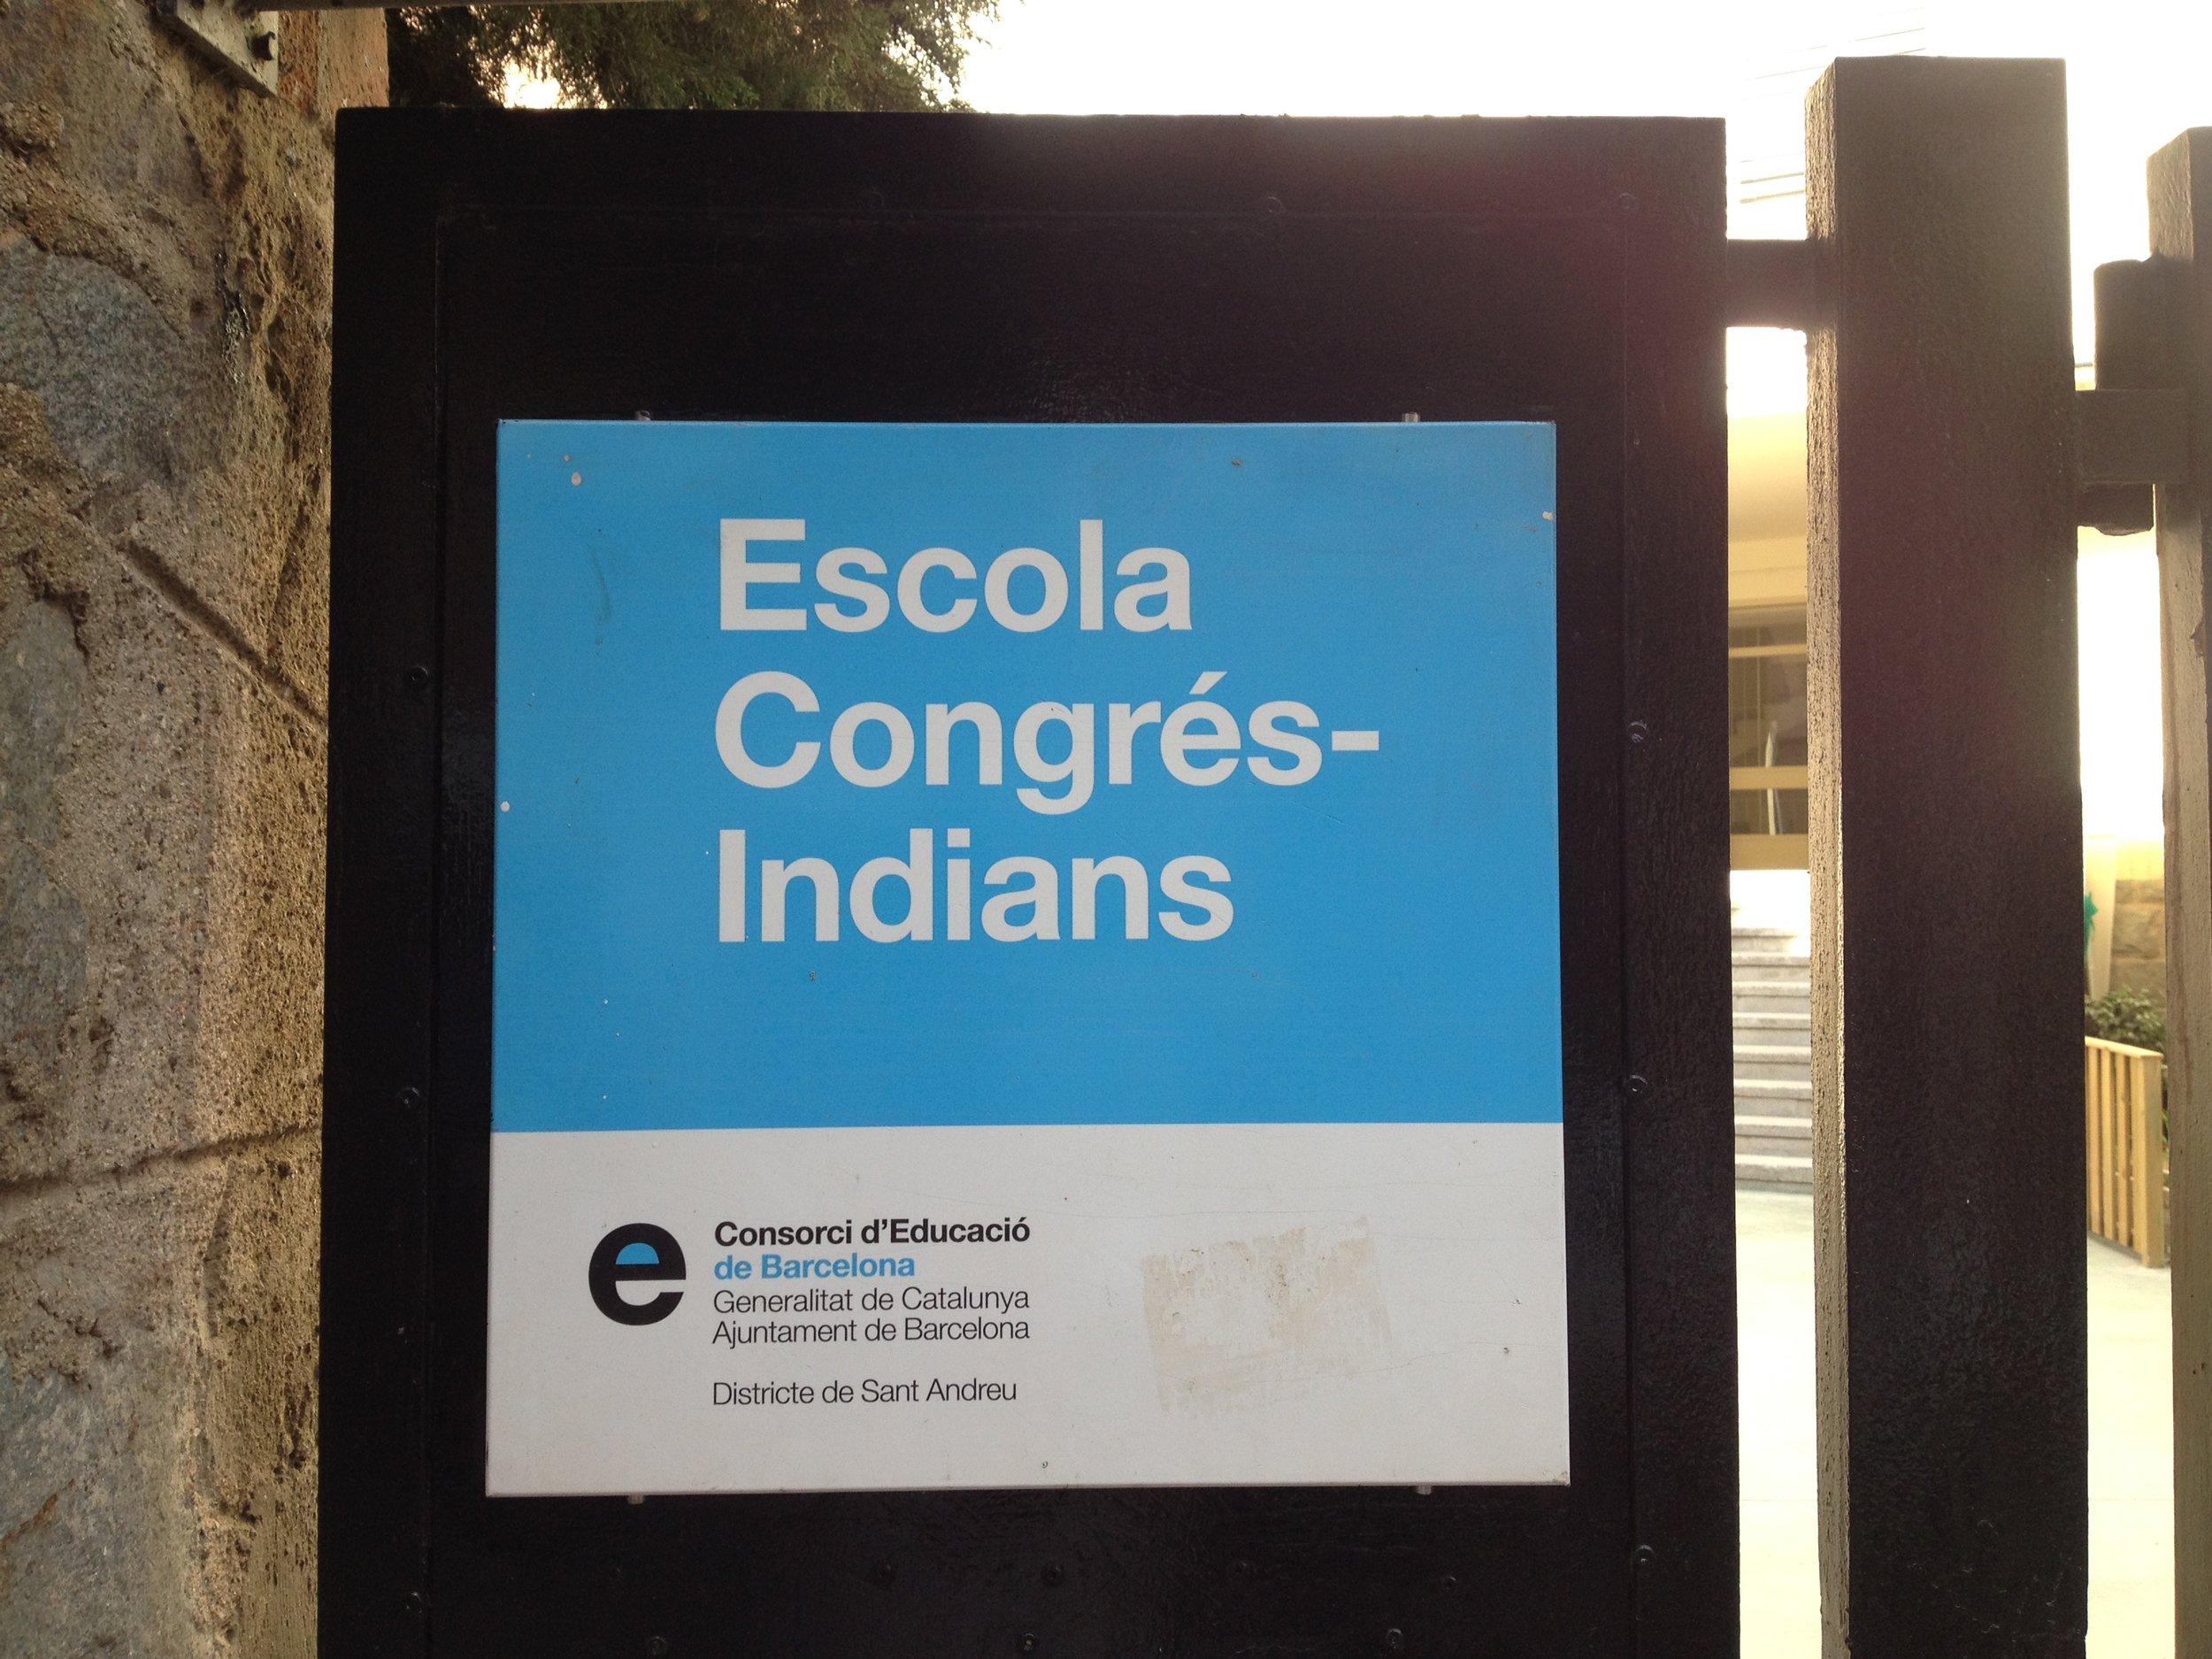 La escola Congrés-Indians de Barcelona es un centro público pionero en emplear una pedagogía viva y activa.